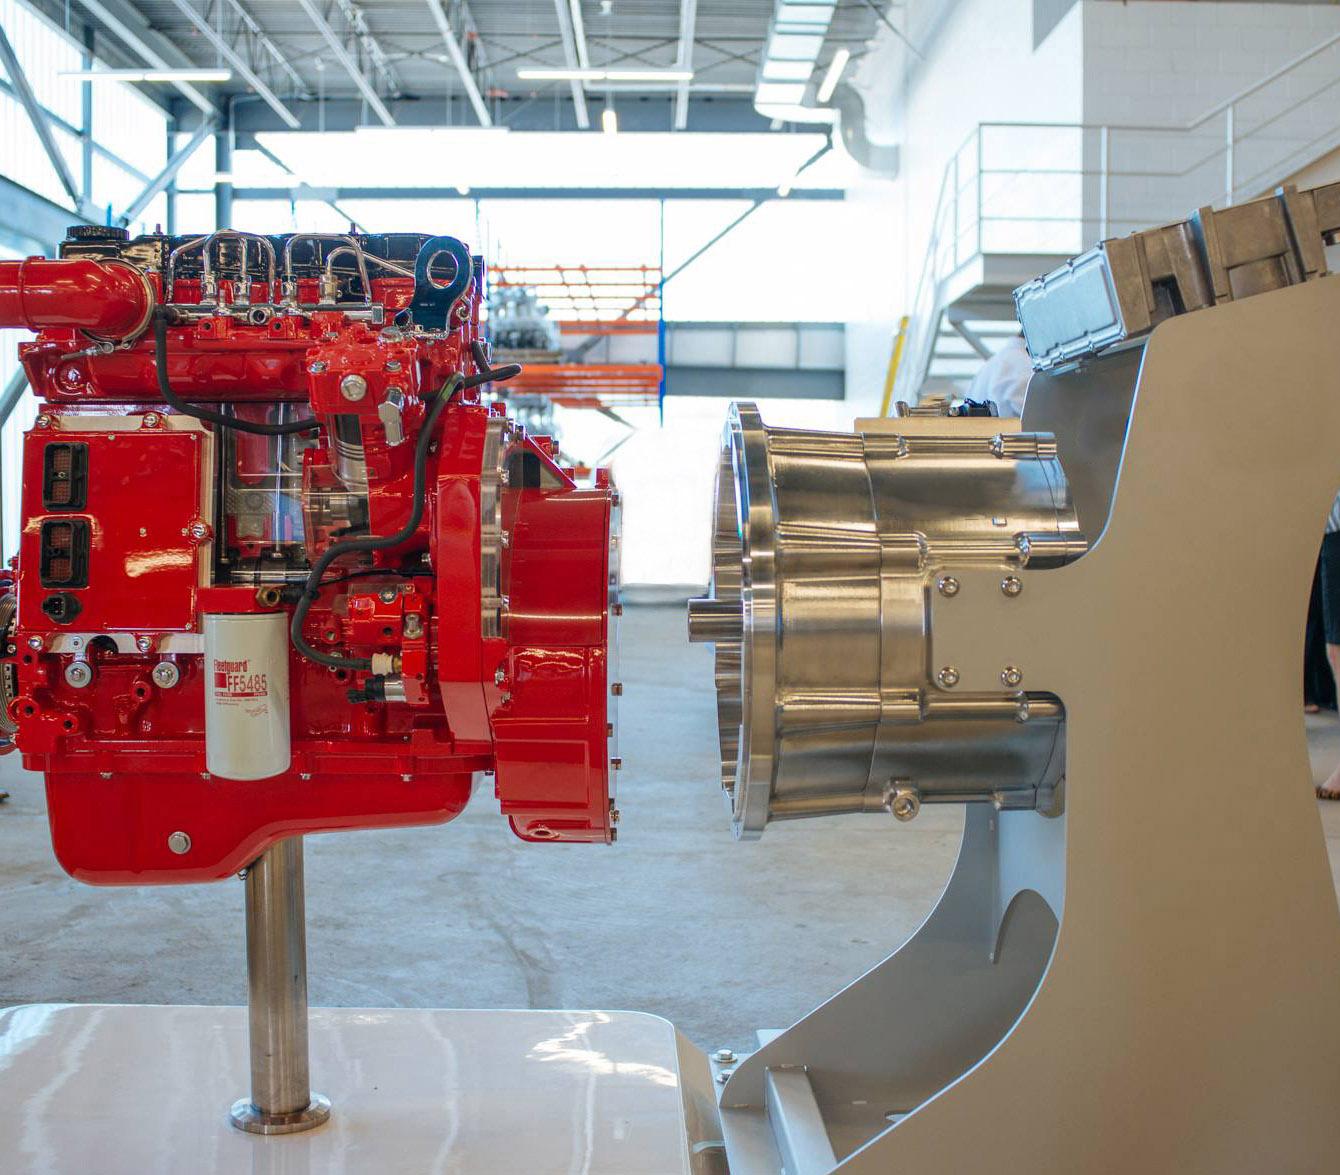 tm4-cummins-sumo-hp-motor-generator